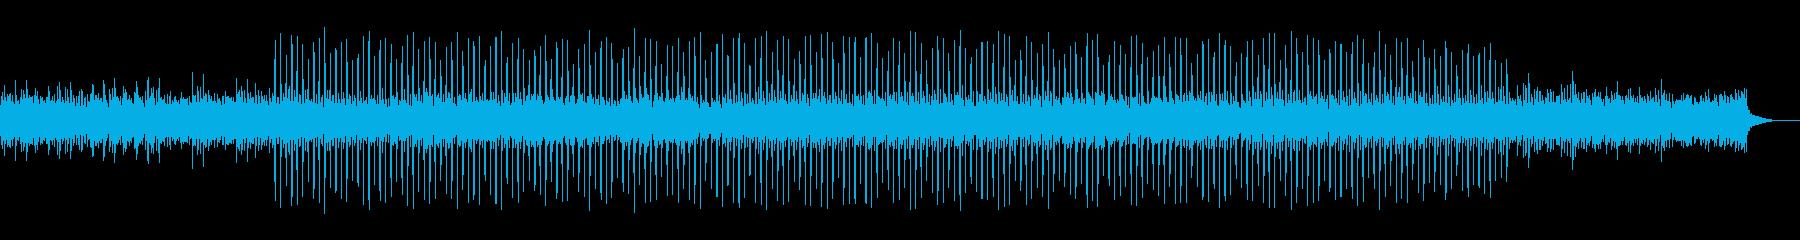 シンセによるミディアムテンポの楽曲の再生済みの波形